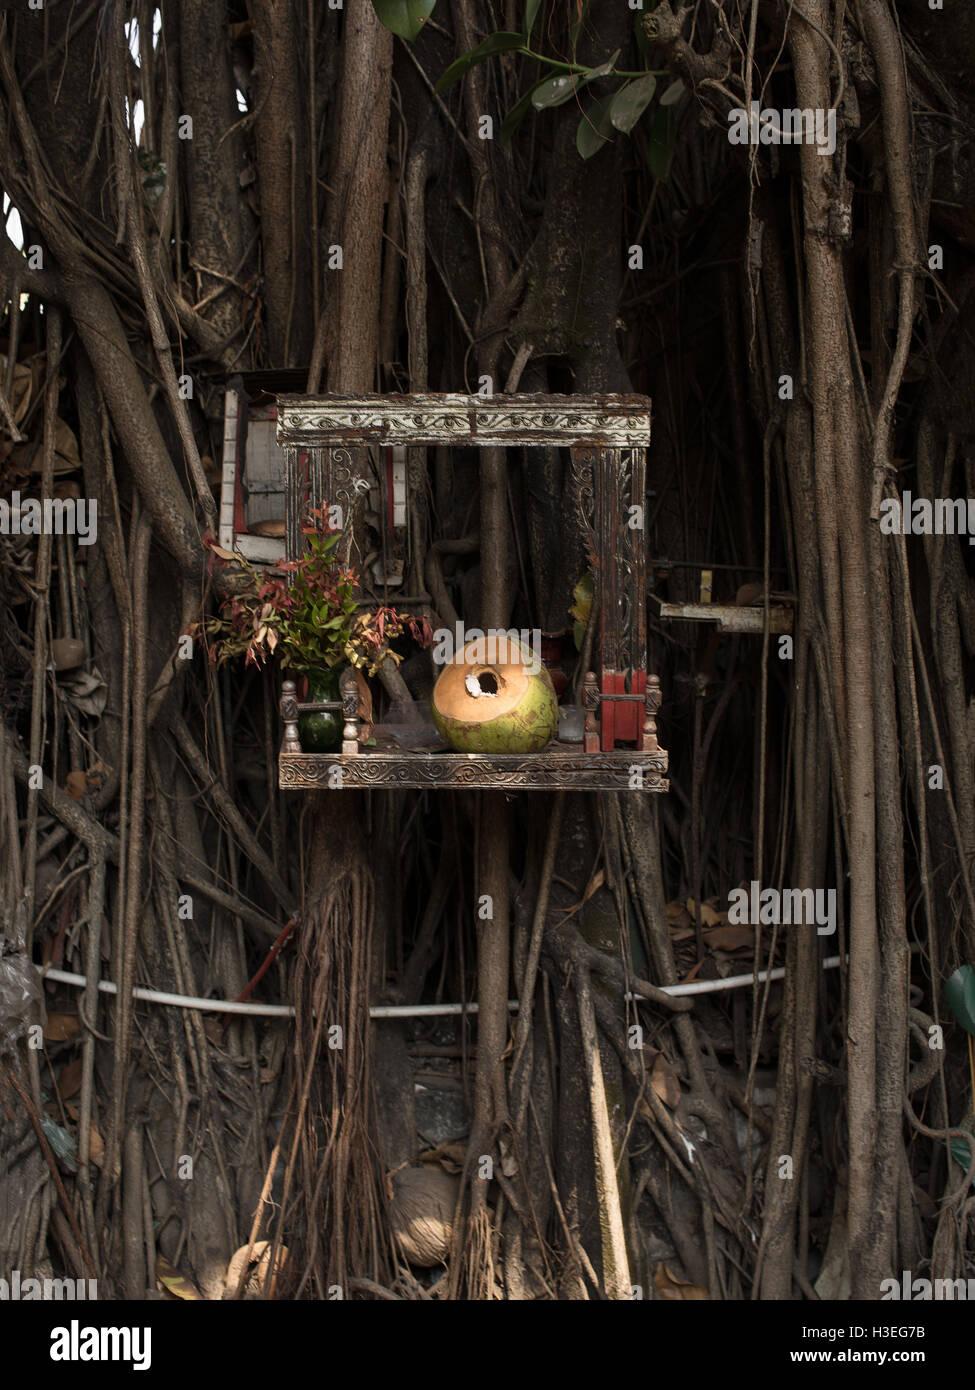 Un offerta di una noce di cocco in un santuario buddista. Offerte simboliche sono destinate ad essere contemplativo. Immagini Stock